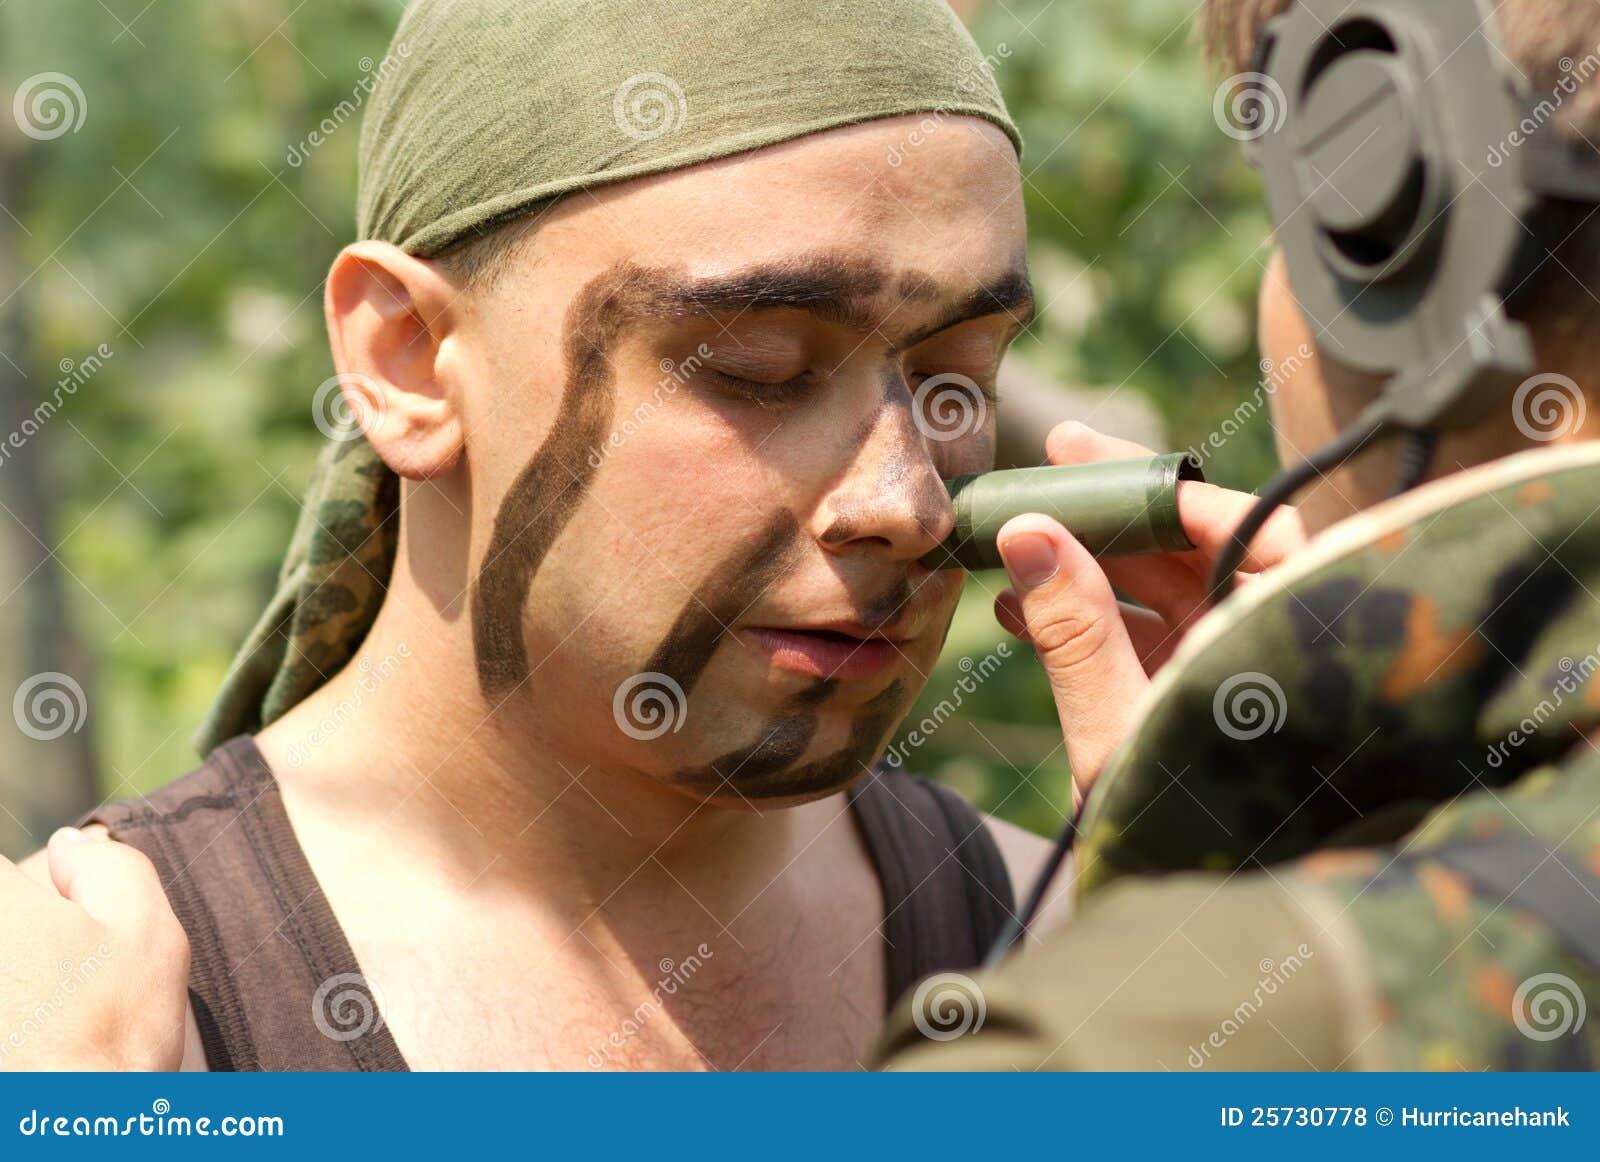 Οι στρατιώτες που βάζουν στο πρόσωπο χρωματίζουν